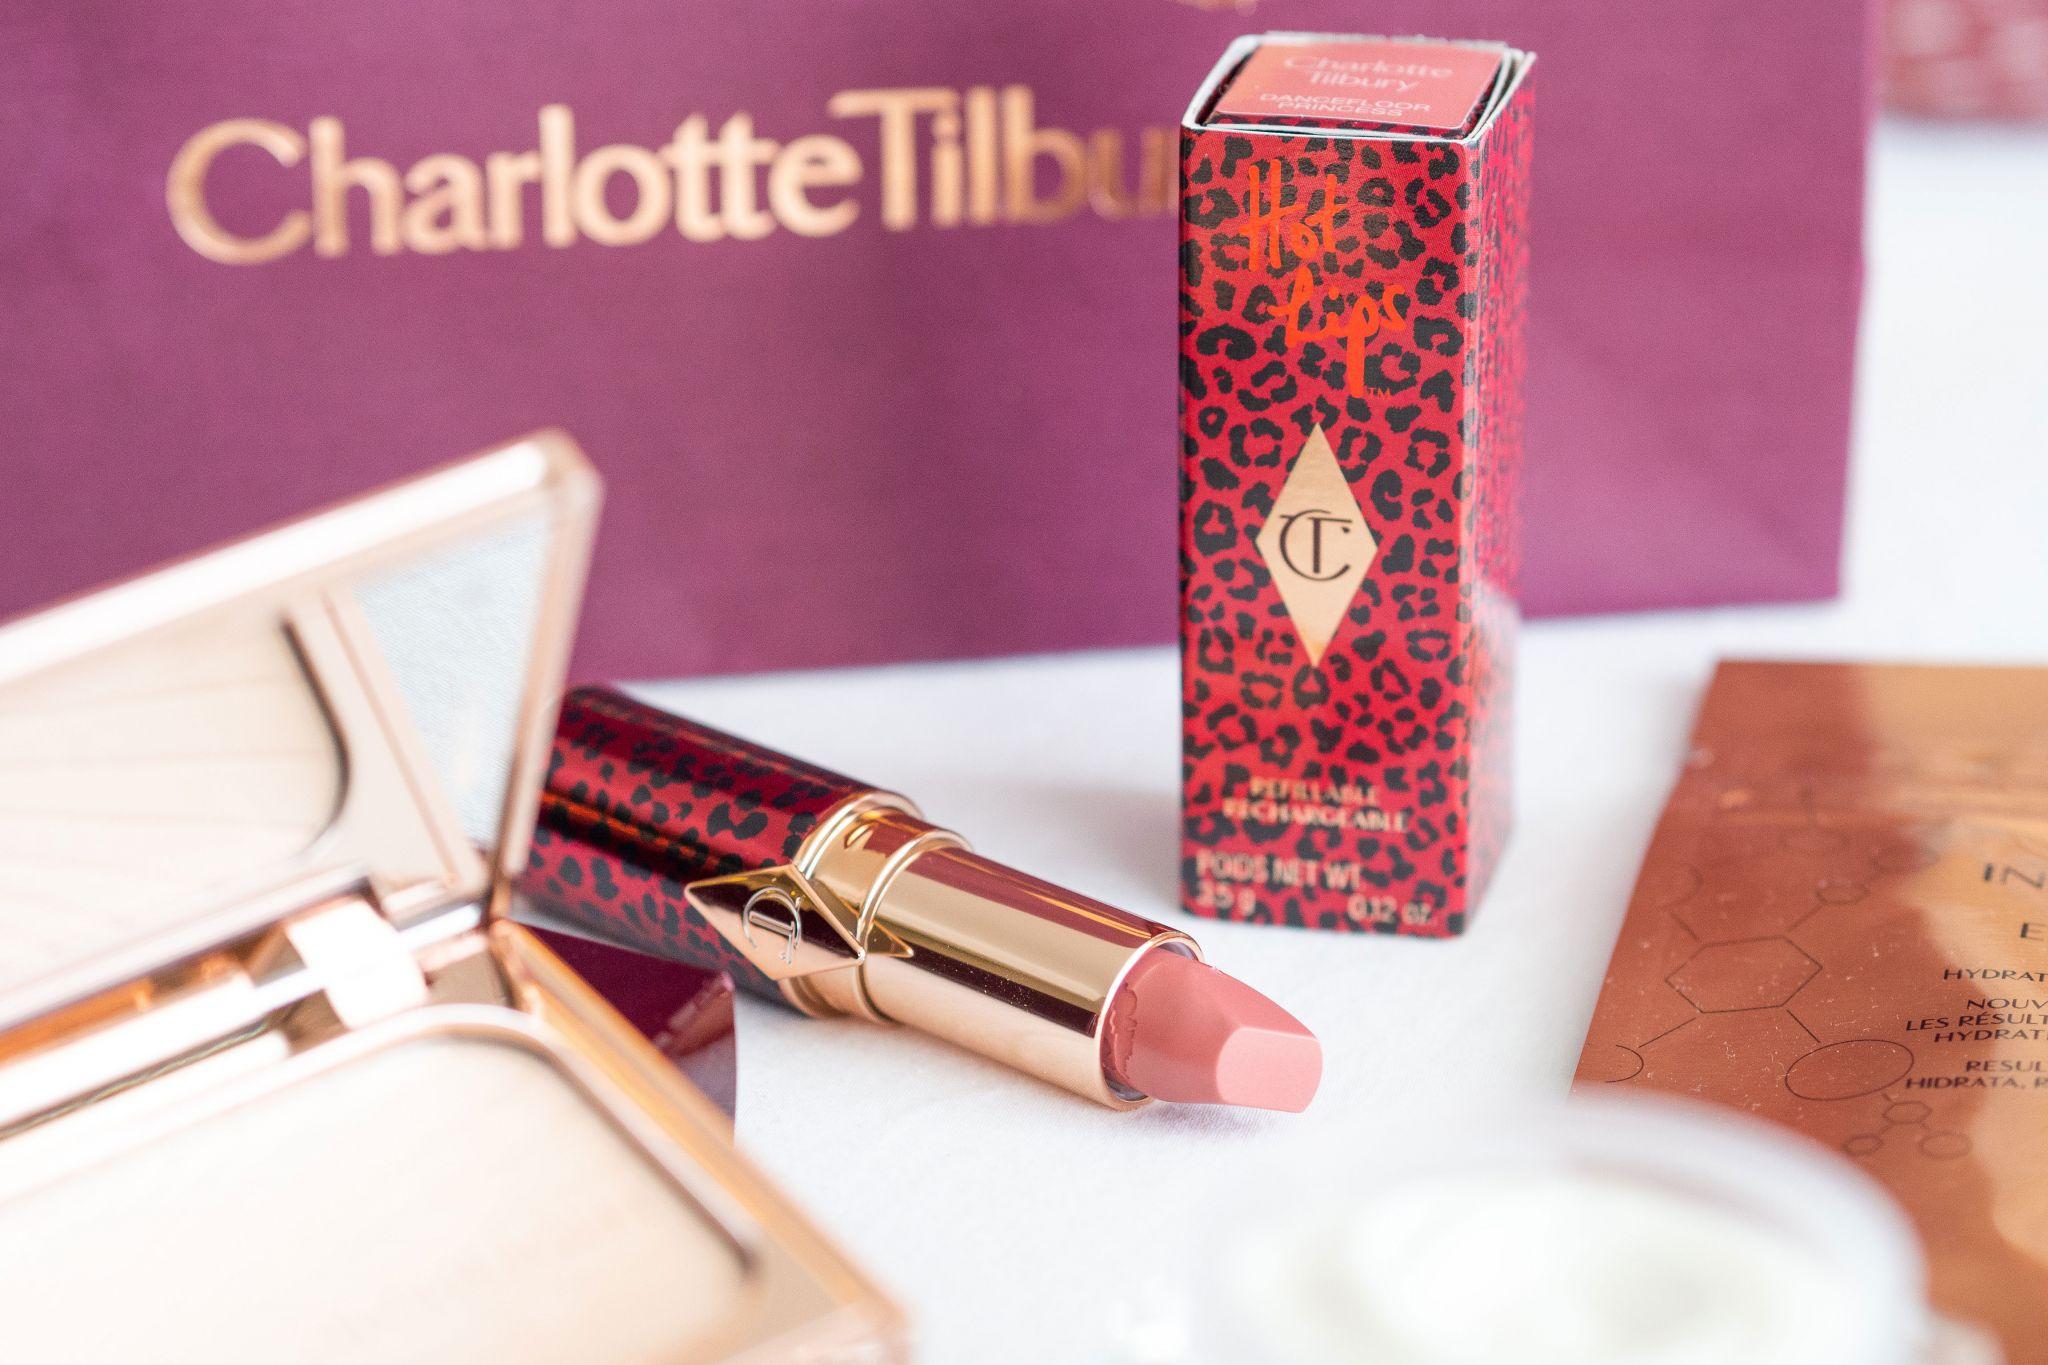 Charlotte Tilbury Summer Essentials